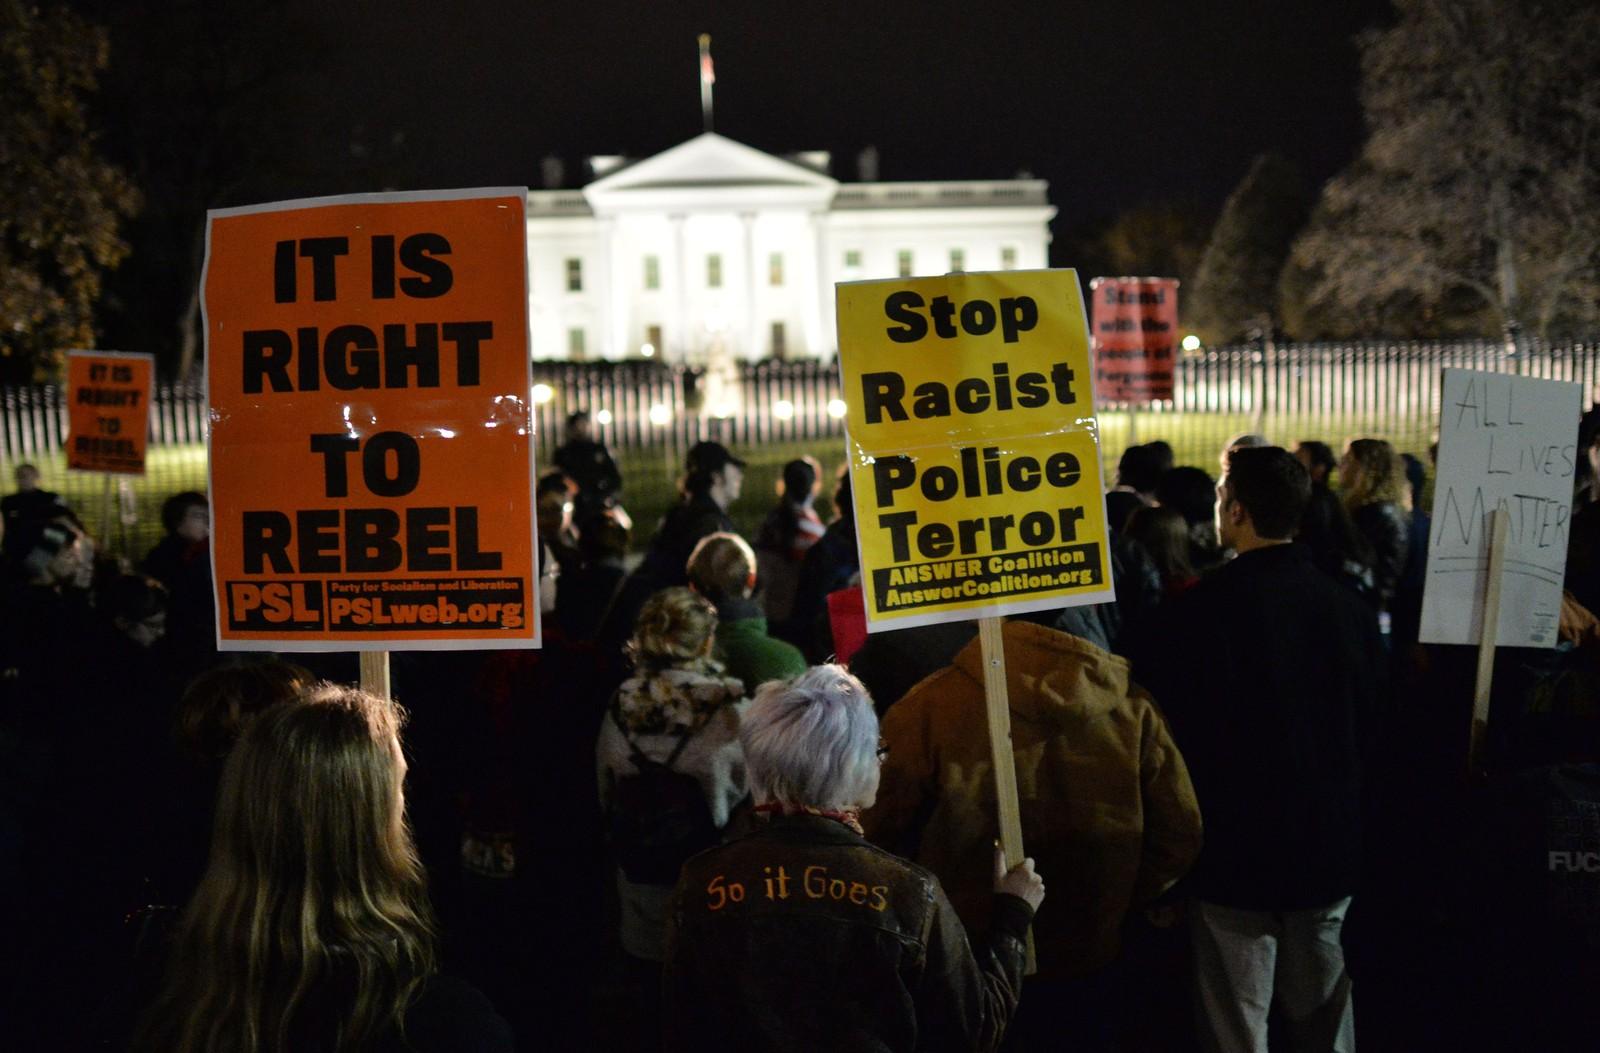 Demonstrasjon utenfor Det hvite hus i Washington D.C.